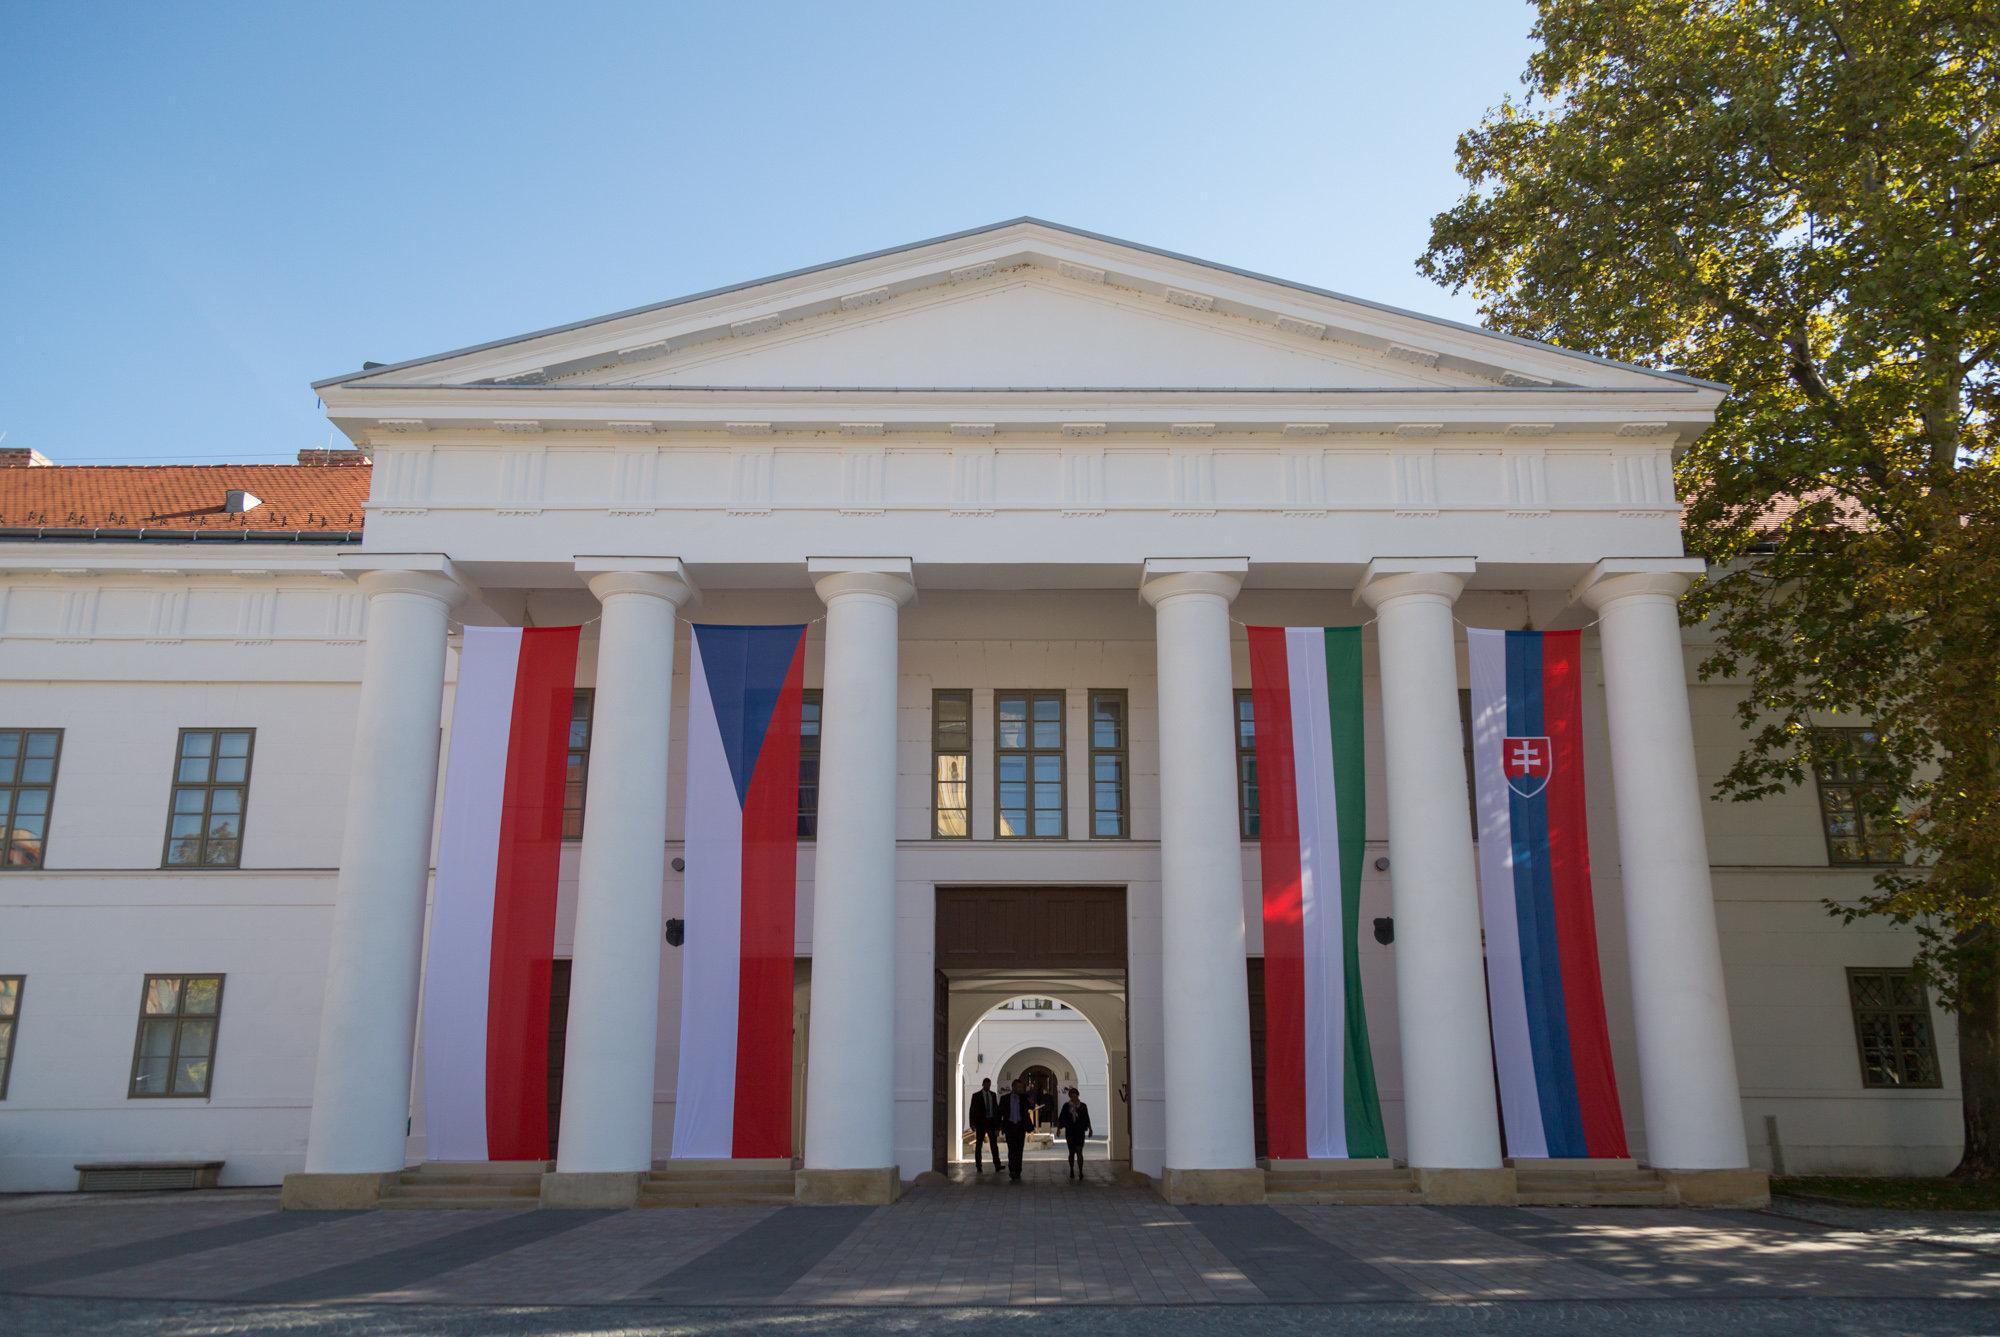 Το μεταναστευτικό στο επίκεντρο της συνάντησης των ηγετών των χωρών του Βίζεγκραντ